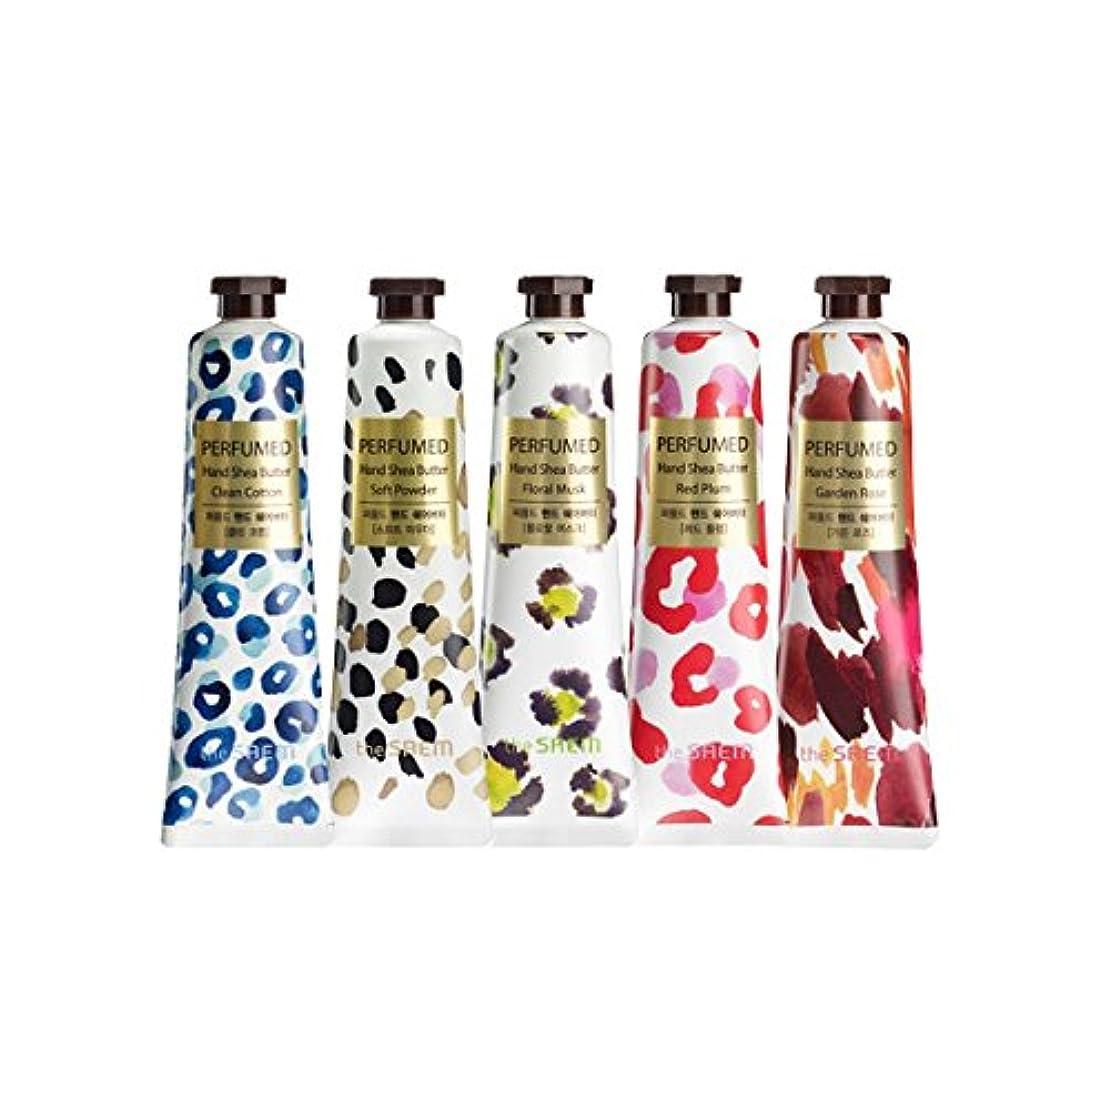 識別寸前スピンtheSAEM ザセム パヒューム ハンド クリーム シアバター PERFUMED HAND CREAM SHEA BUTTER 韓国コスメ (A-Floral Musk(フローラルムスク))